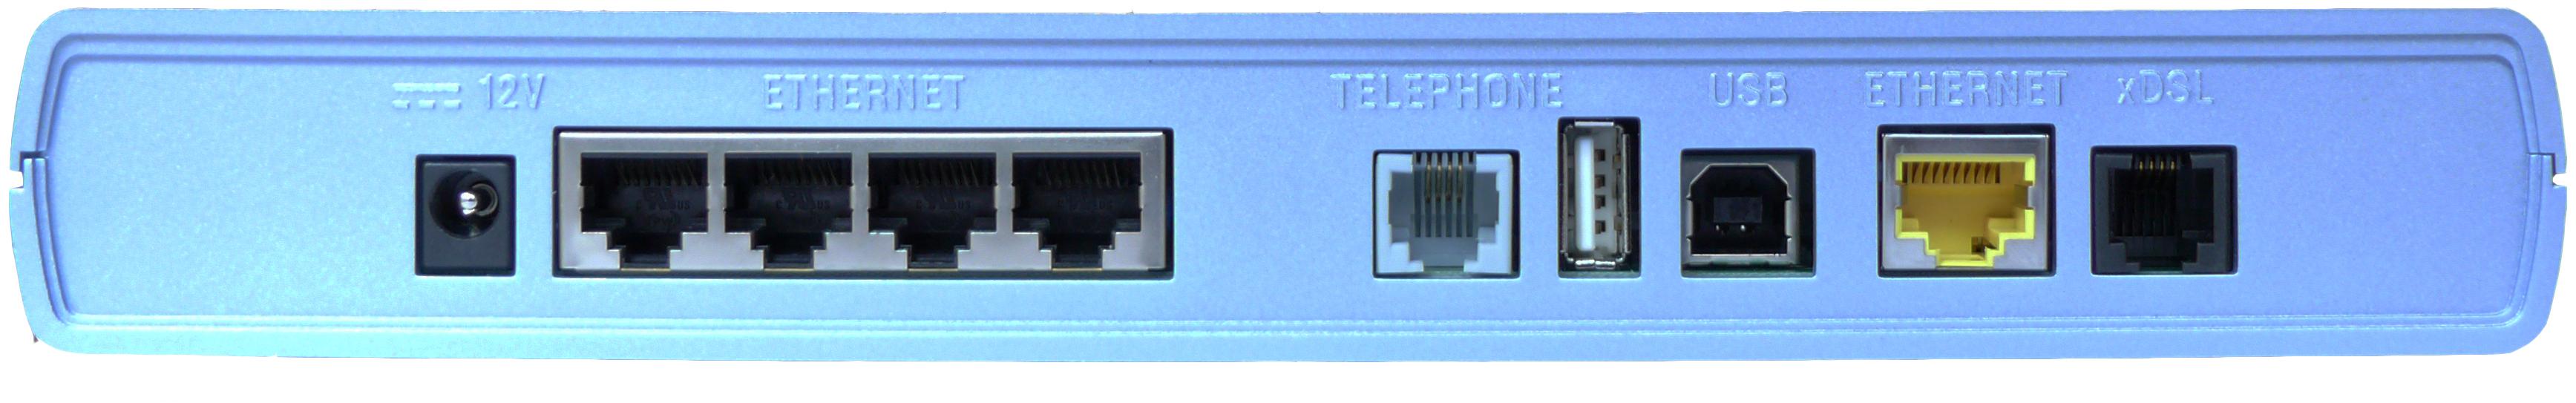 Yahoo 301 moved permanently - Comment faire fonctionner une tele sans prise d antenne ...